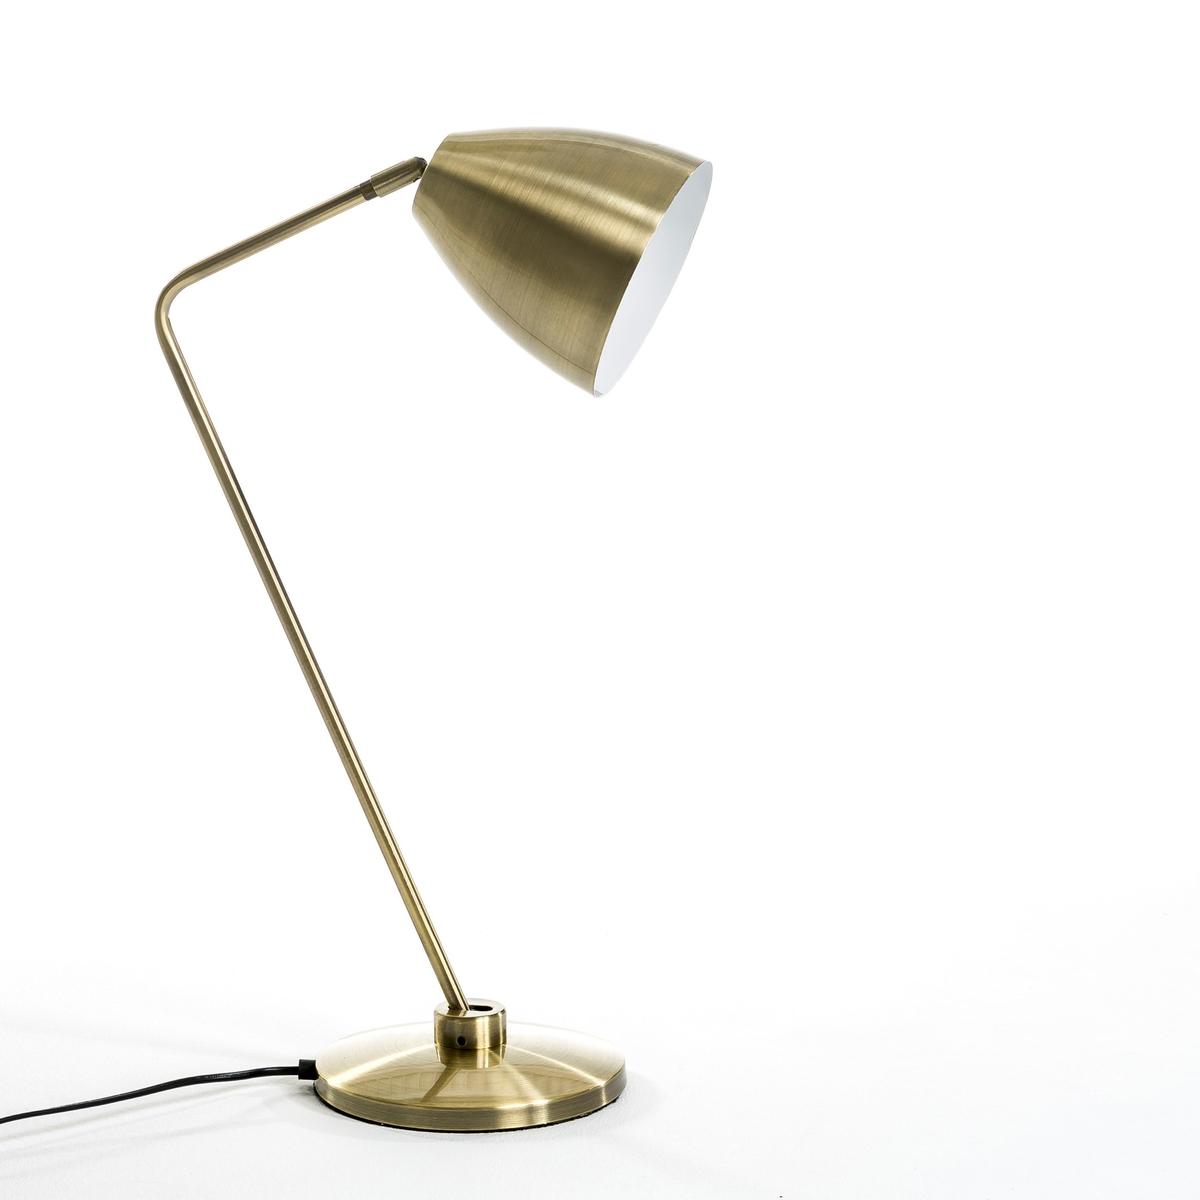 Лампа настольная, TashaХарактеристики :- Патрон E27 для флюокомпактной лампочки макс 11W (не входит в комплект)  . - Этот светильник совместим с лампочками    энергетического класса   A .    - Этот товар может подойти для спальни ребенка старше 14 лет в зависимости от действующих требований  .Размеры :- Выс 54,5 см .- ? низа 19 см .<br><br>Цвет: латунь